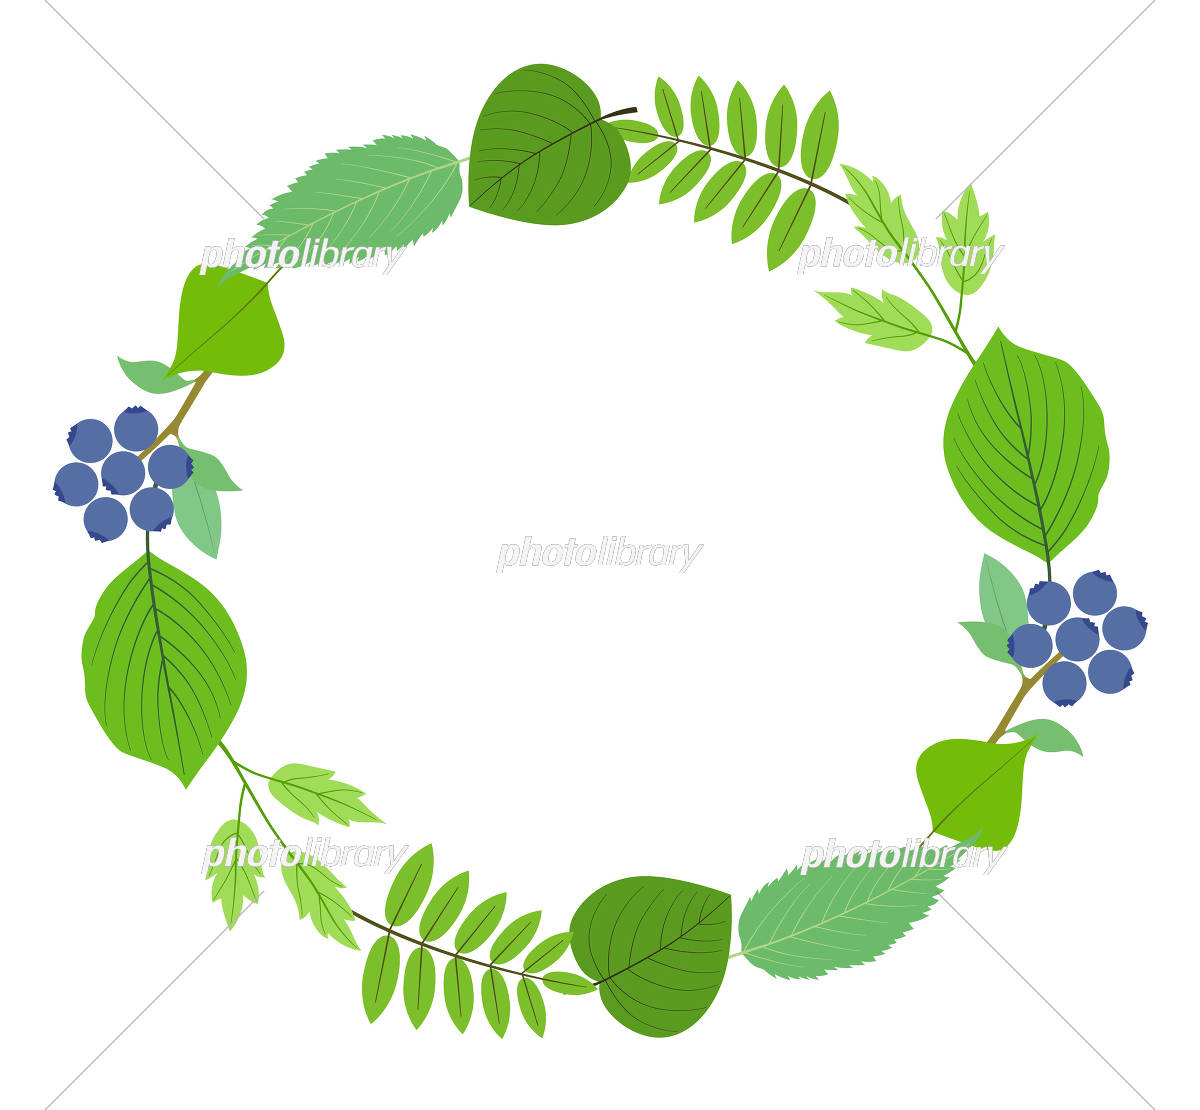 葉の装飾リース イラスト素材 5923271 フォトライブラリー